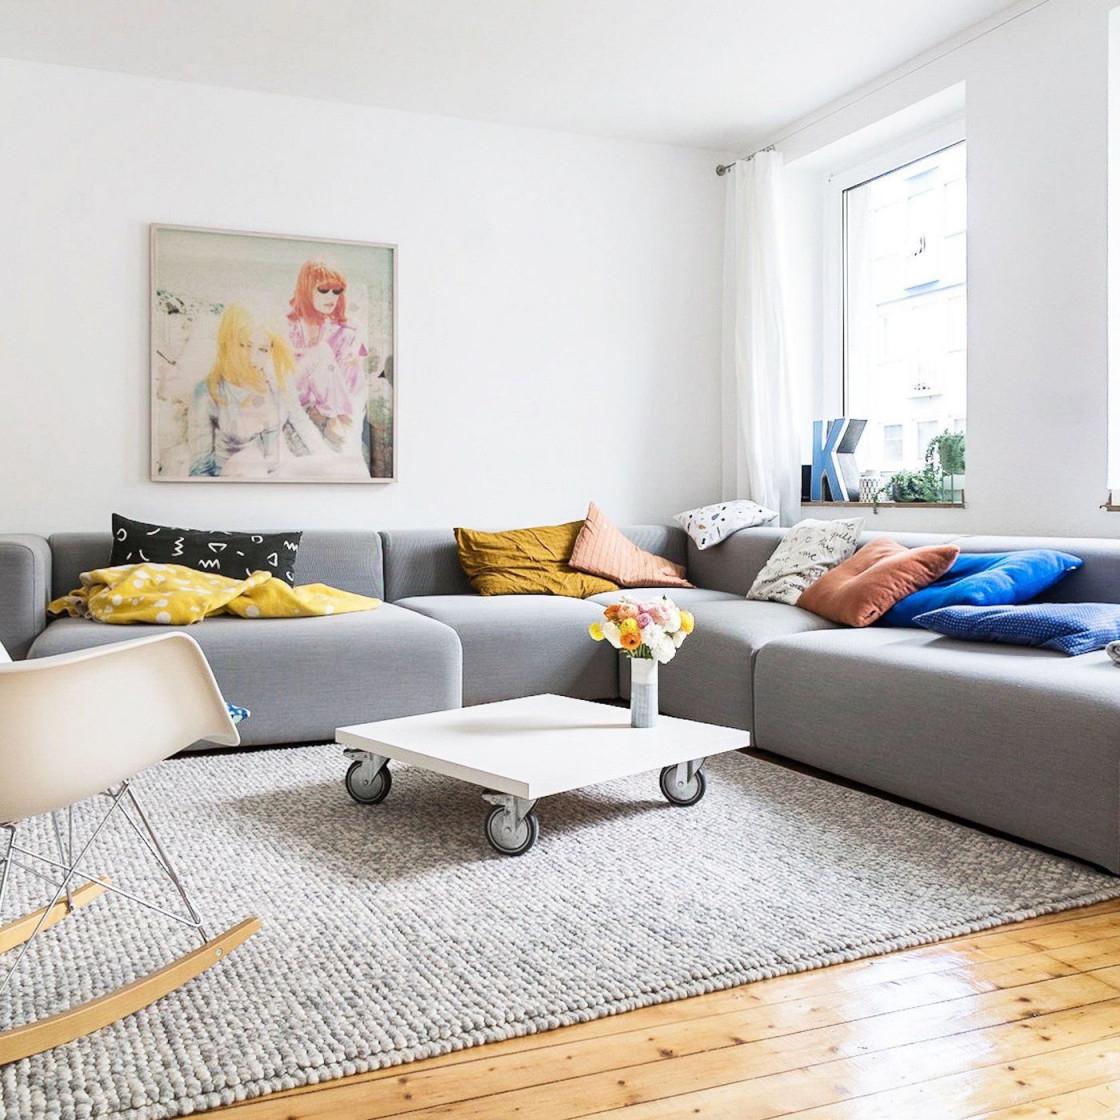 Wohnzimmer Die Schönsten Ideen von Wohnzimmer Einrichten Ideen Modern Photo